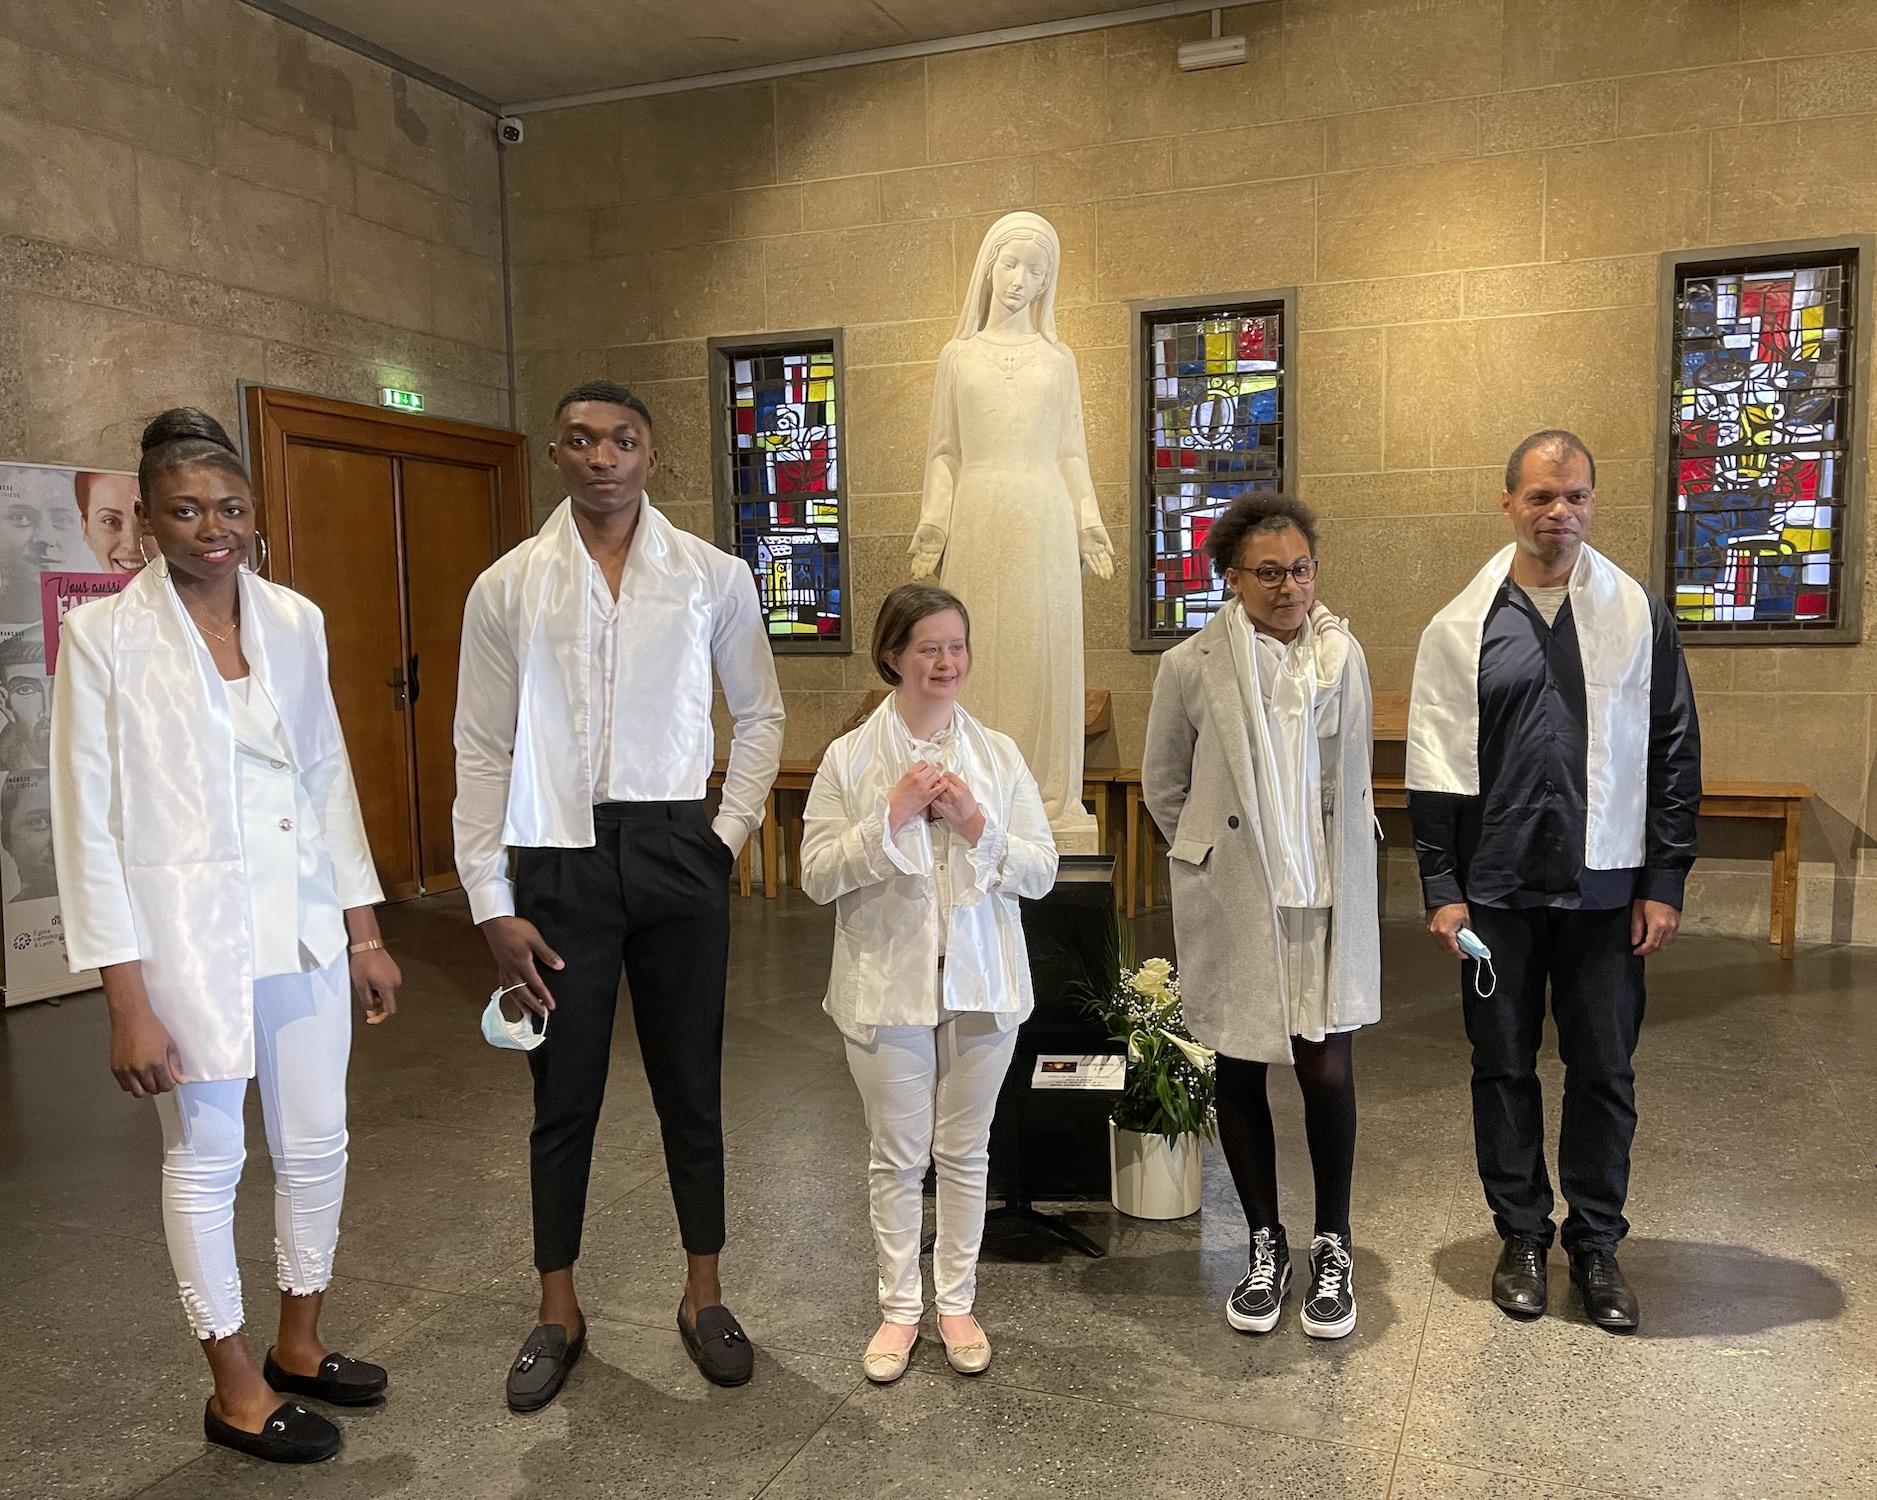 Nouveaux baptisés de la paroisse de Vaise